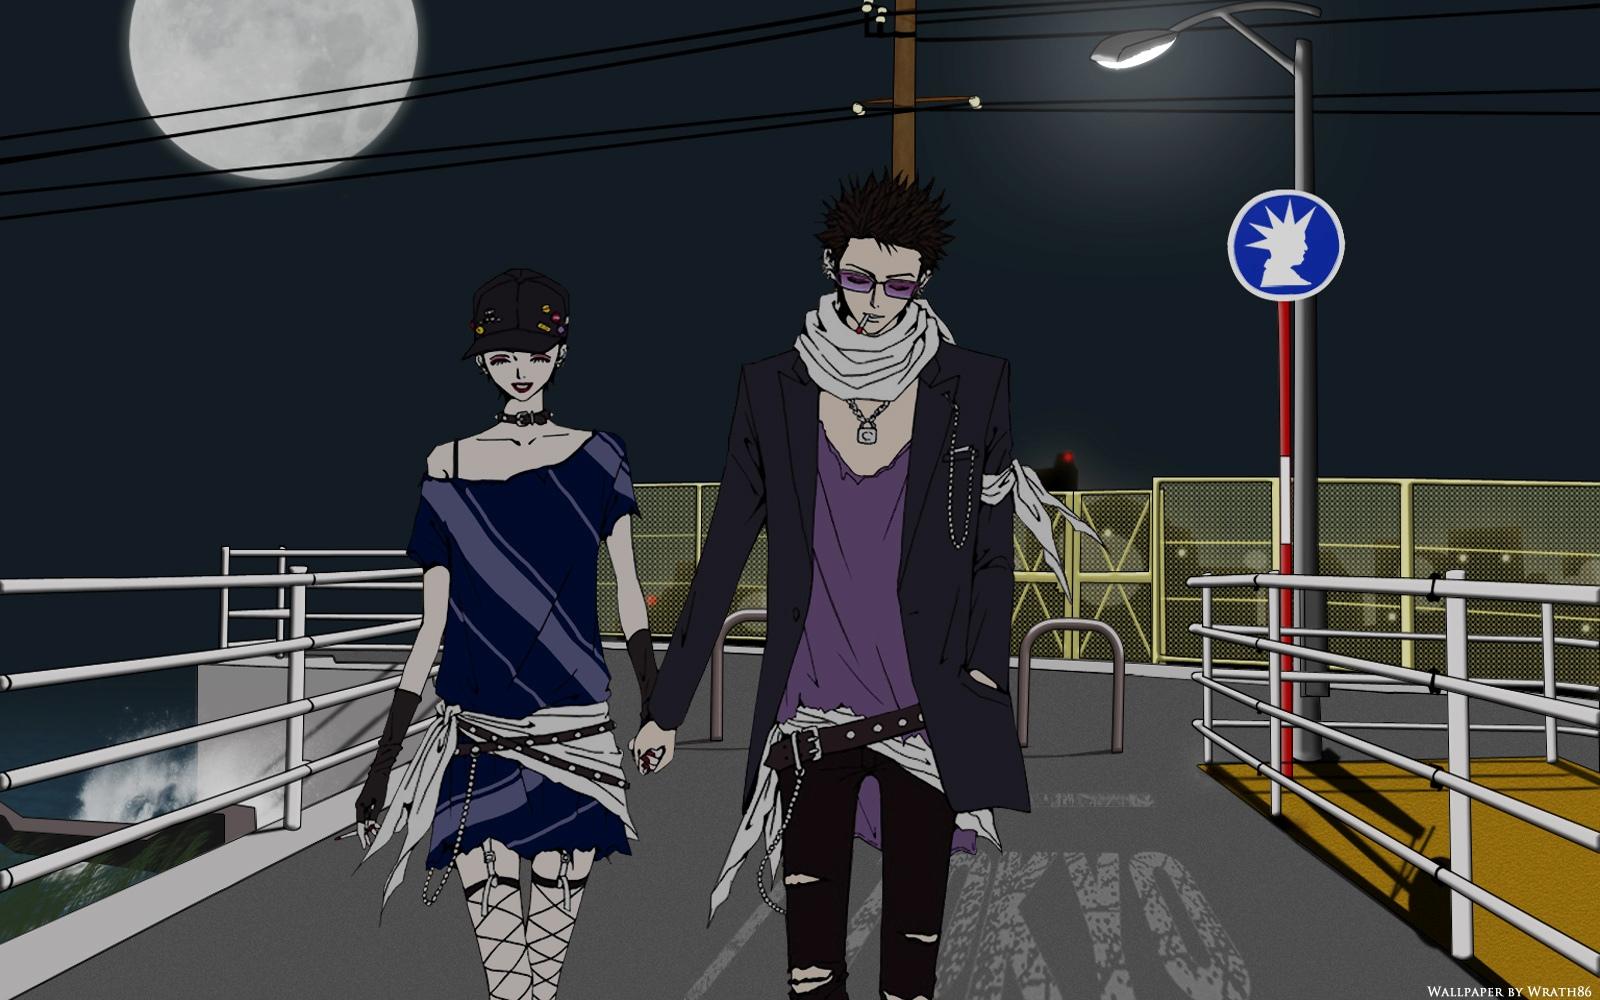 Nana Anime Wallpaper 1600x1000 Download Hd Wallpaper Wallpapertip